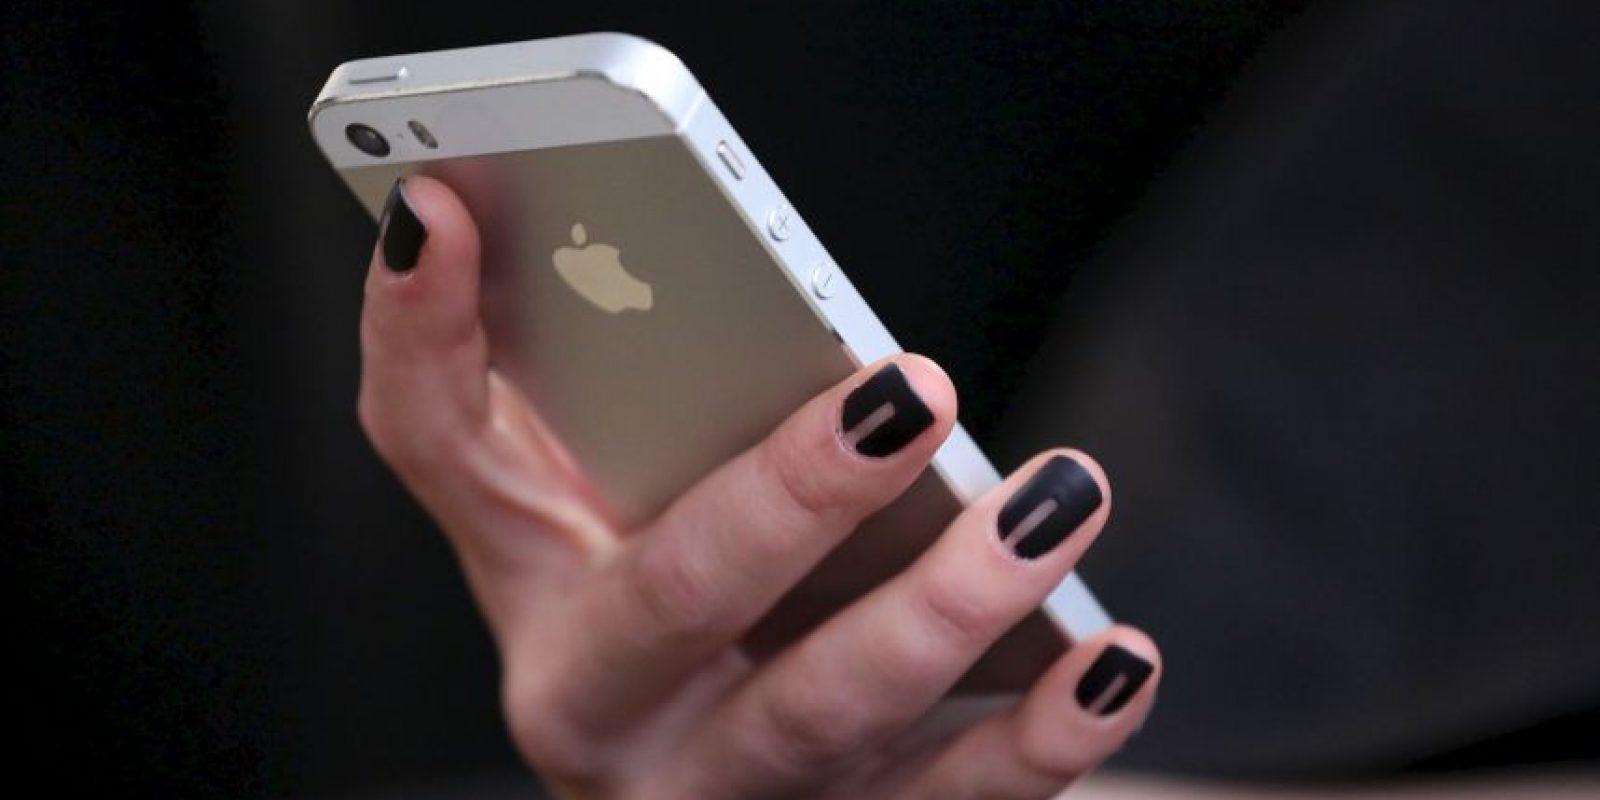 Un nuevo fallo puede robarles su contraseña de iCloud y su información. Foto:Getty Images